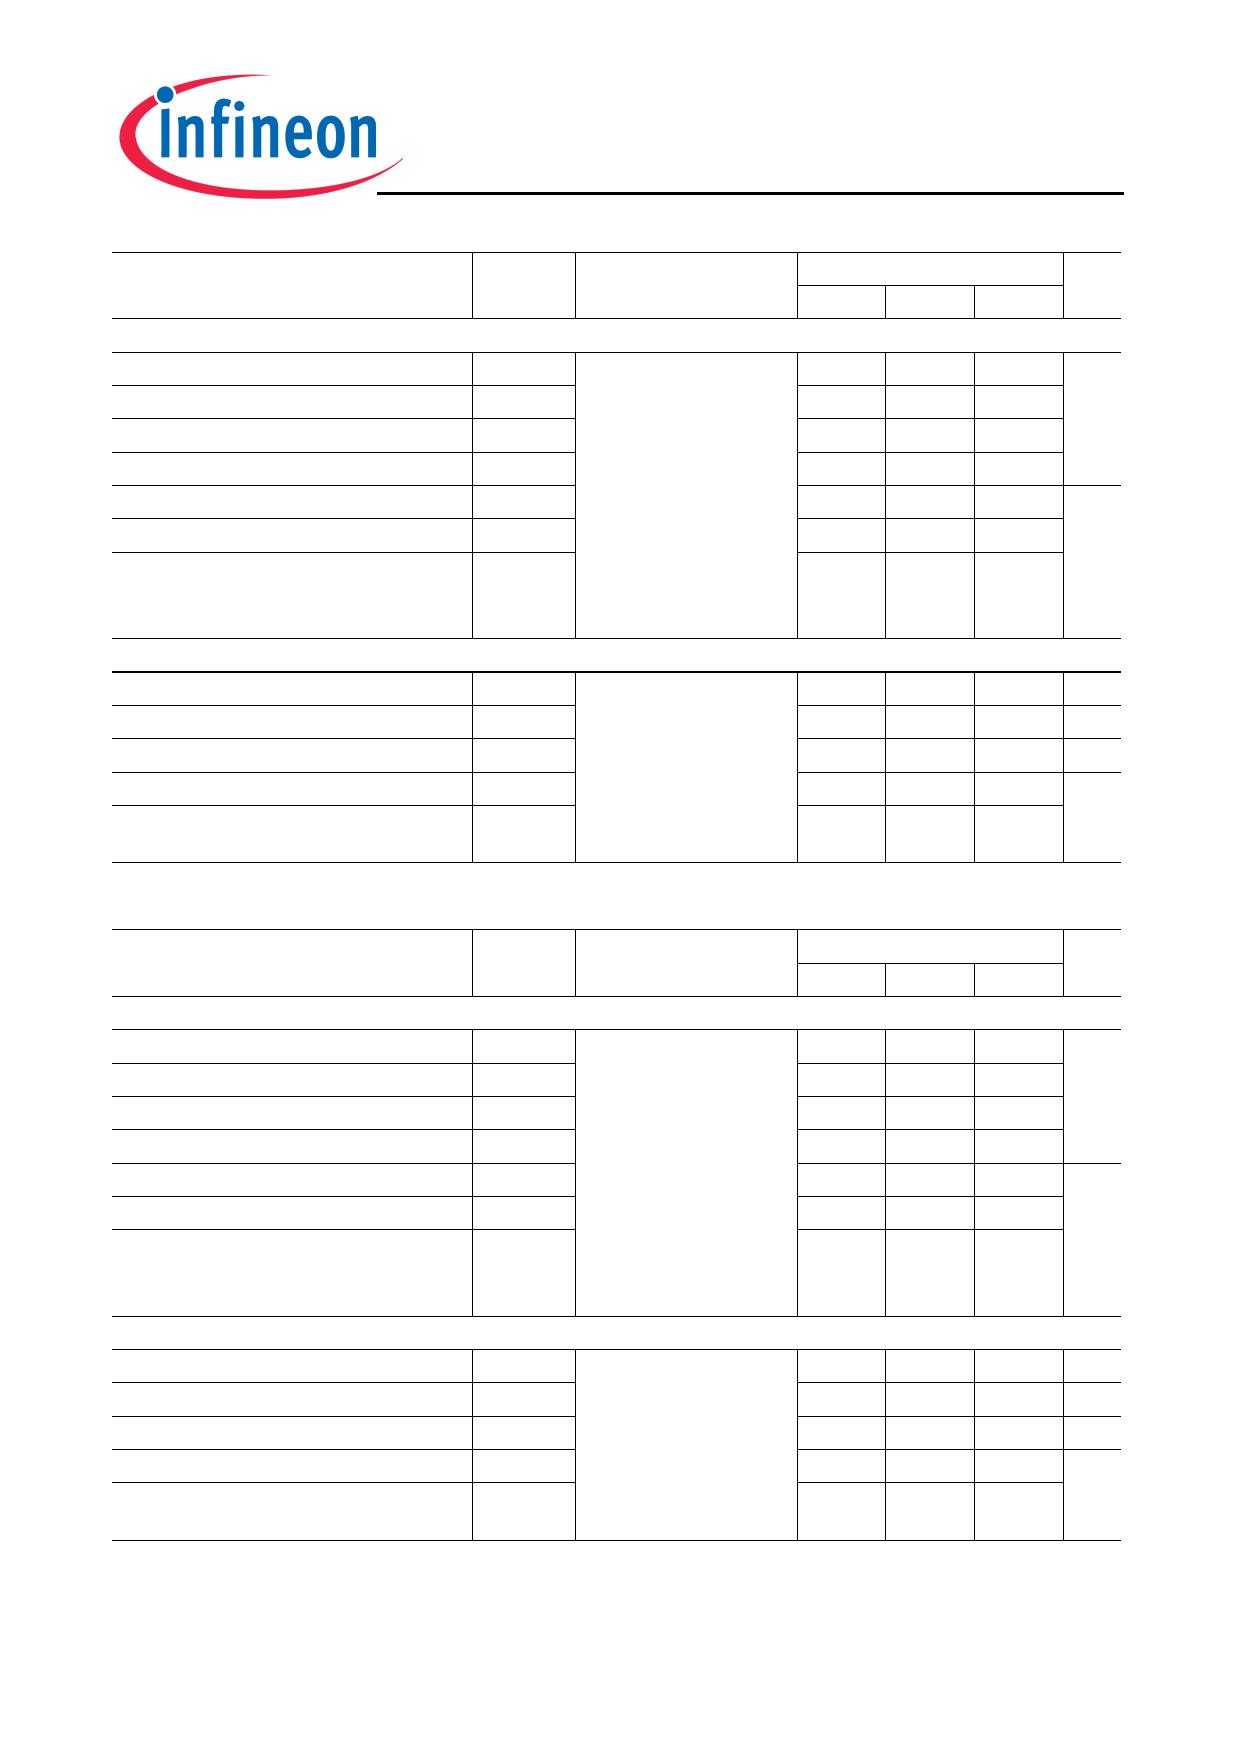 IKP01N120H2 pdf, ピン配列